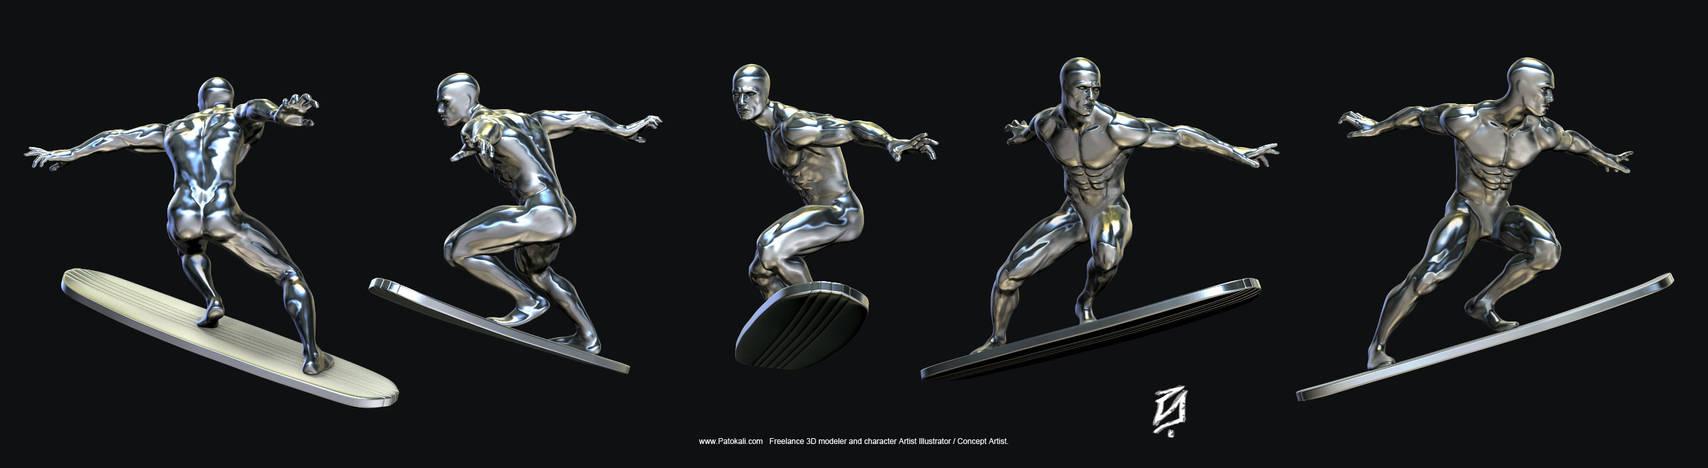 01-Silver-Surfer-KS